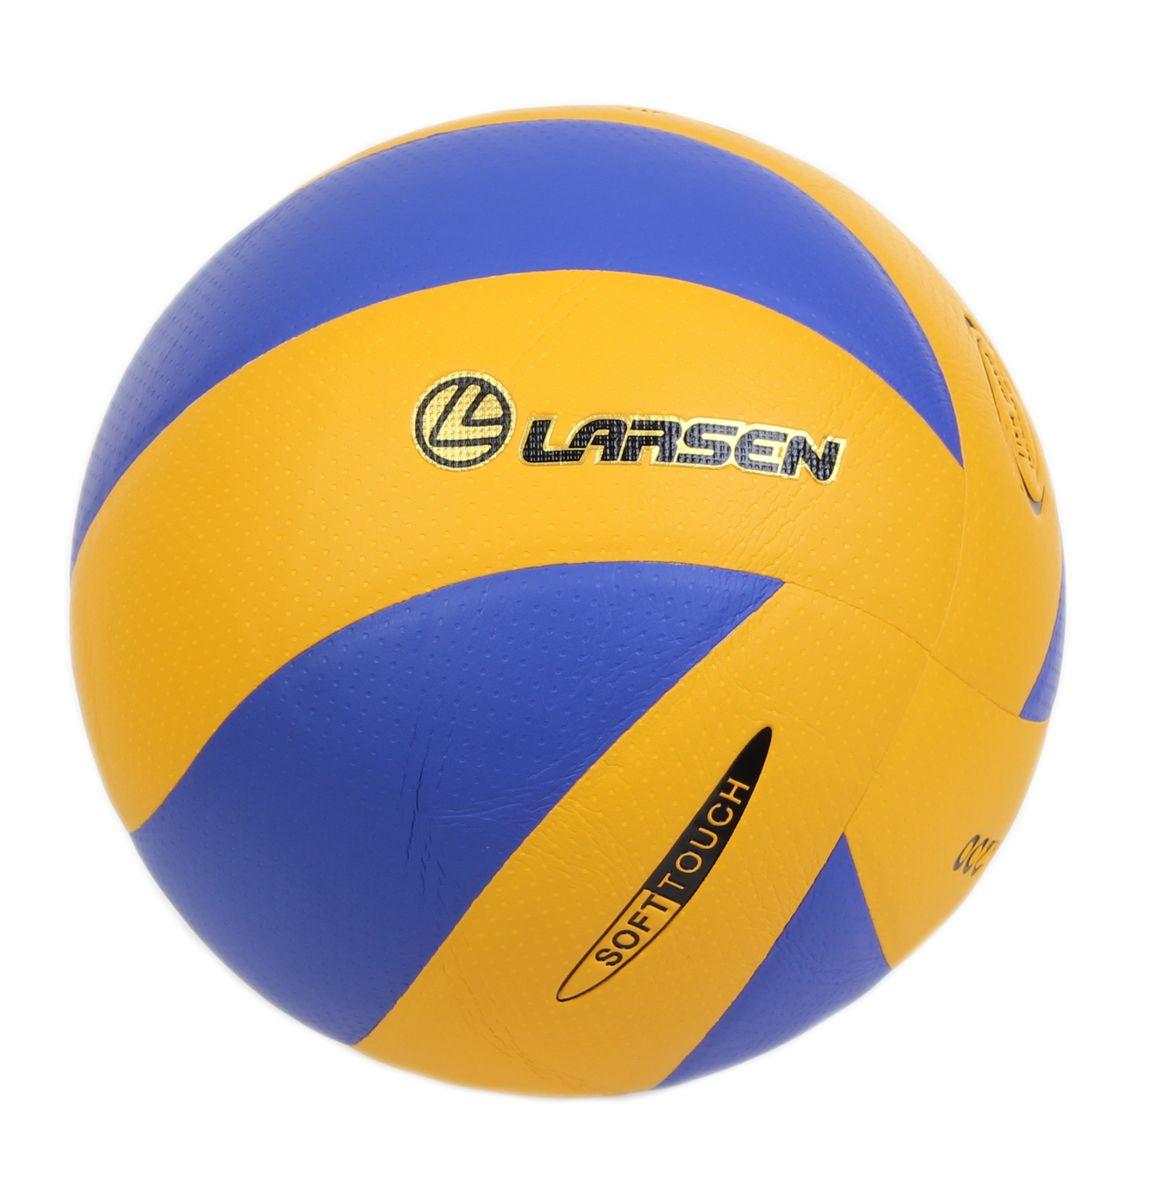 Мяч волейбольный Viva Larsen, цвет: желтый, синий. Размер 4 мяч волейбольный larsen kicker tip